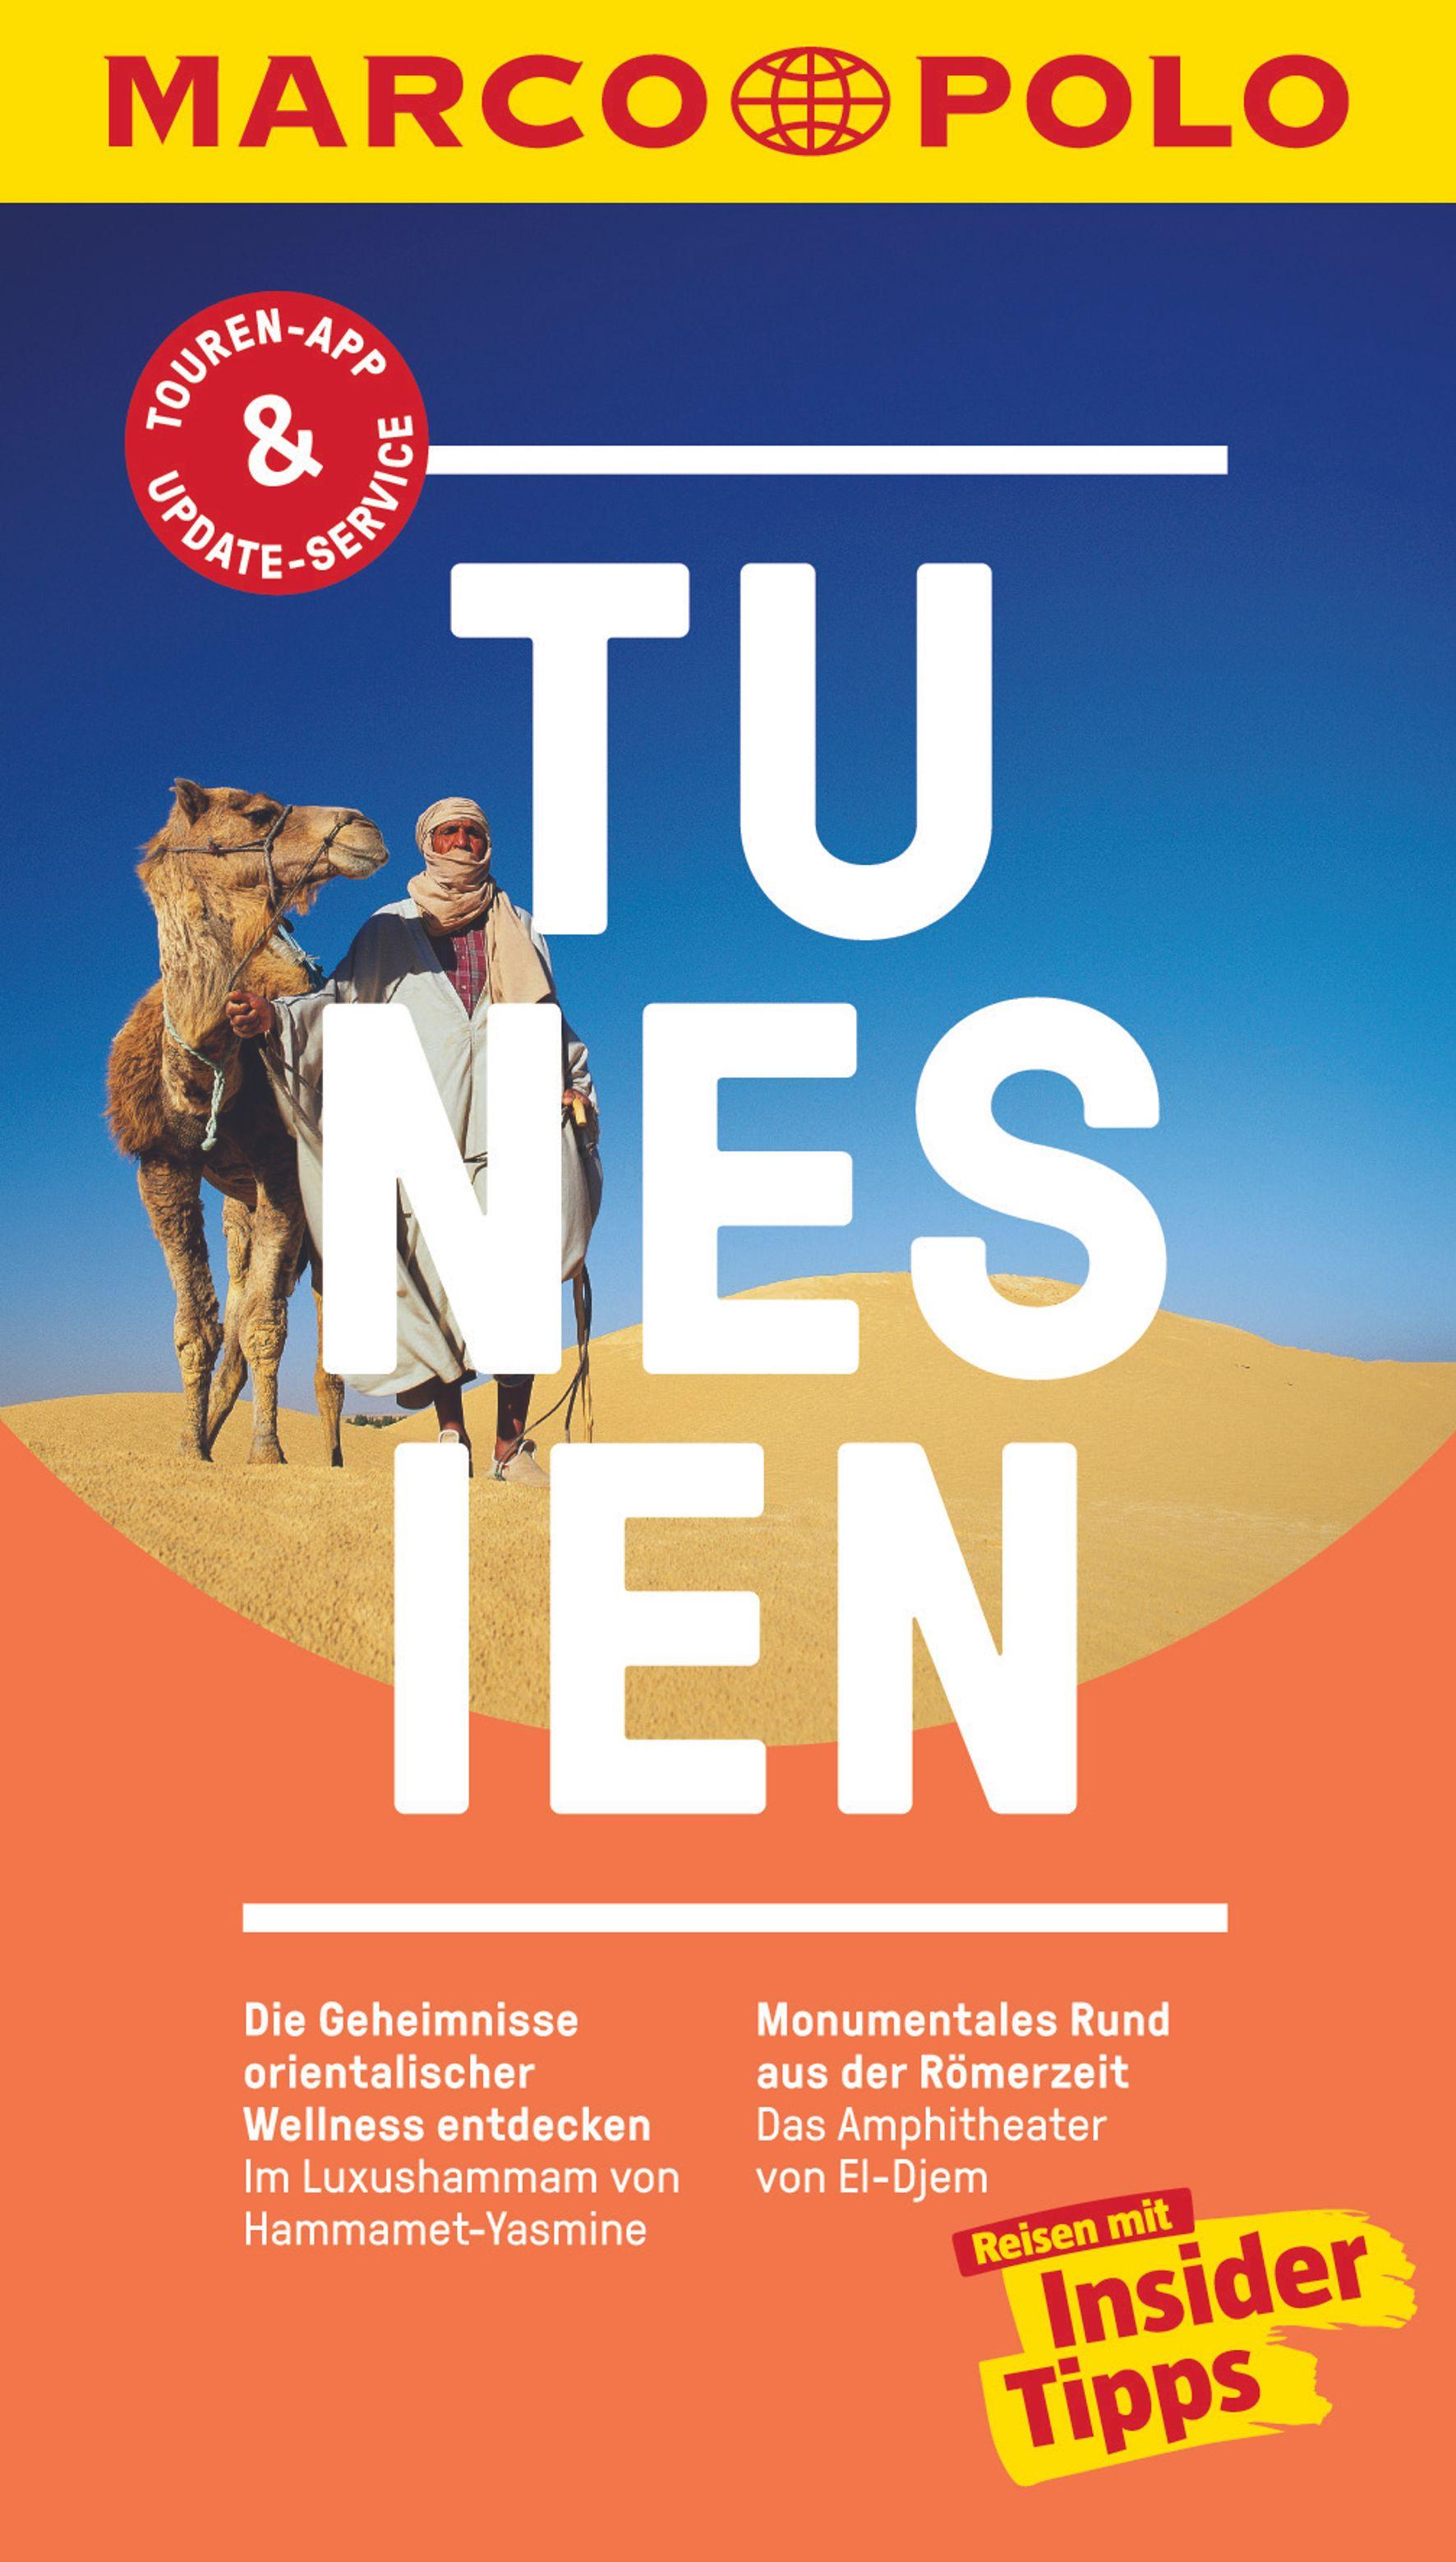 Briefe Nach Tunesien : Marco polo reiseführer tunesien von köthe friedrich